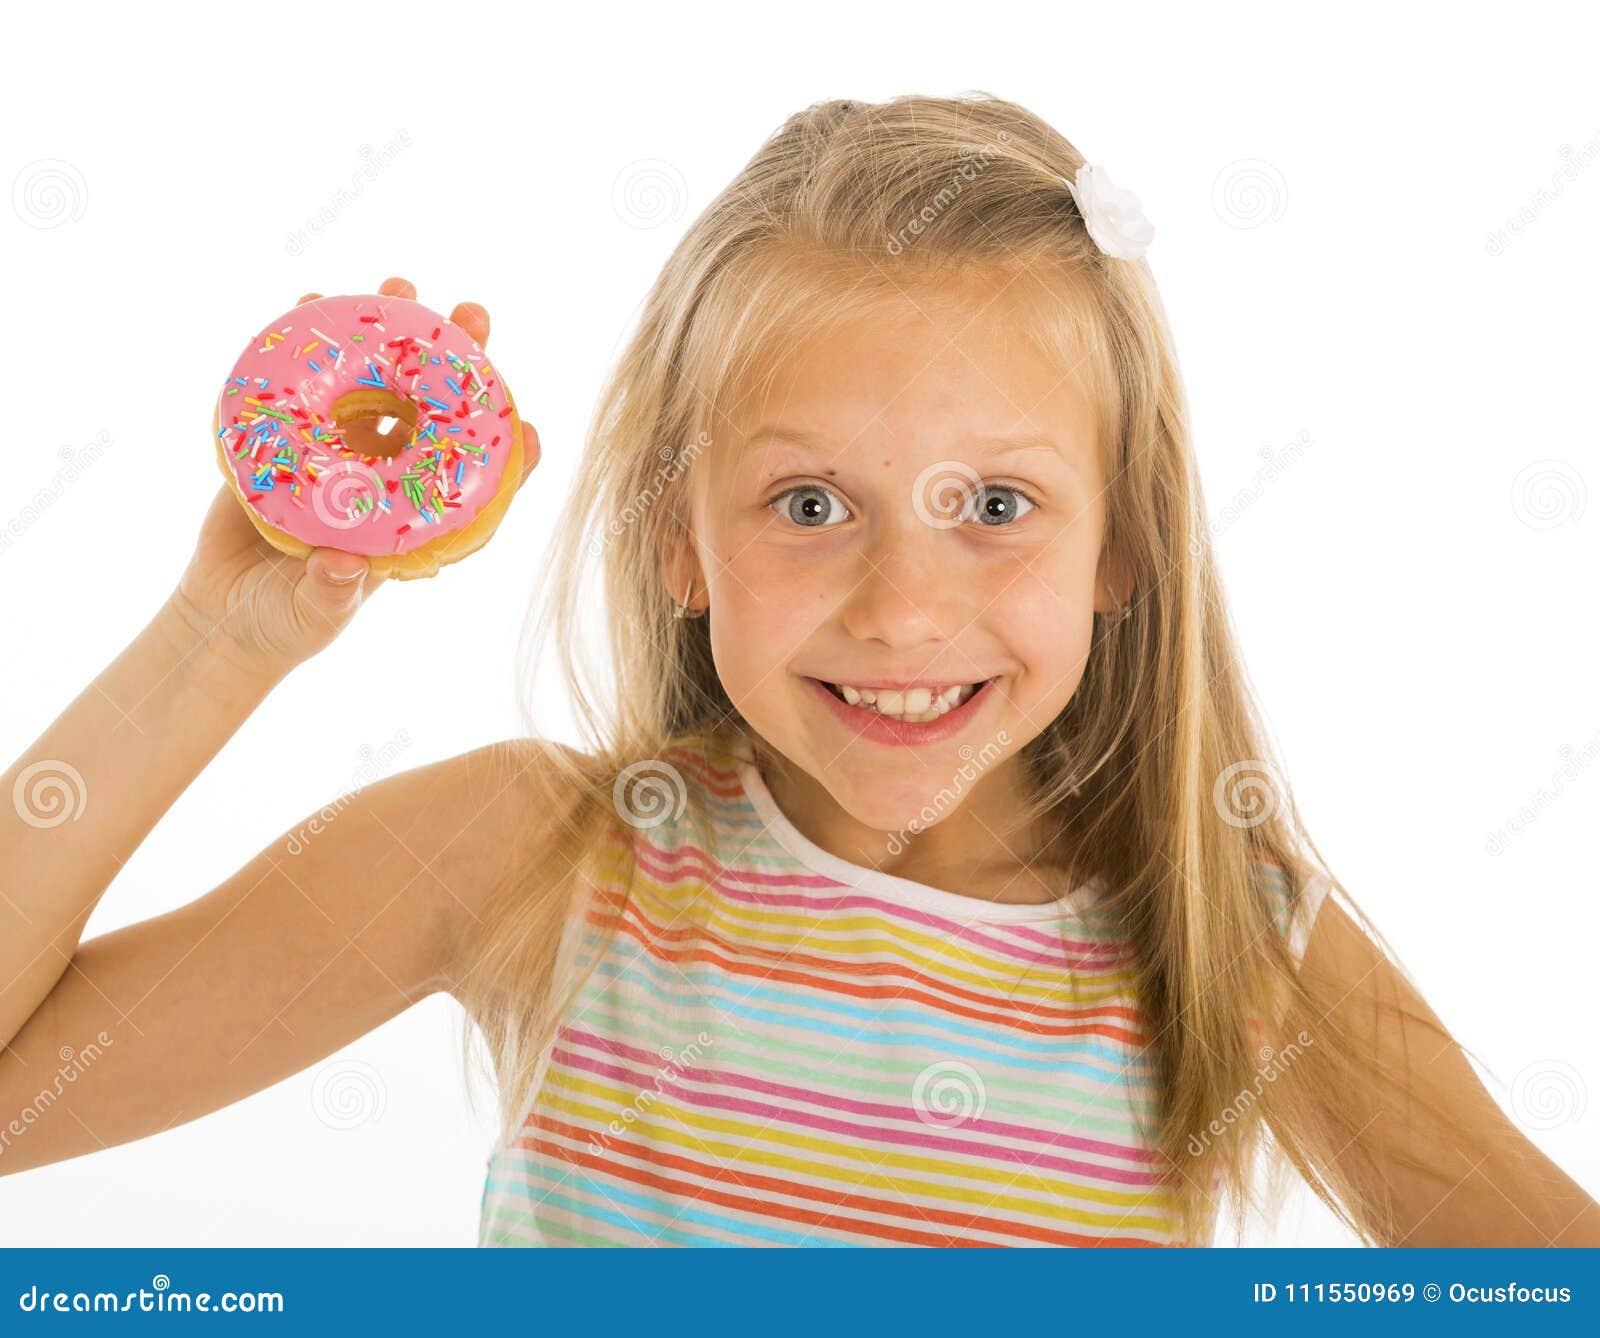 Νέο όμορφο ευτυχές και συγκινημένο ξανθό κορίτσι 8 ή 9 χρονών που κρατά doughnut την έρημο σε ετοιμότητα της που φαίνεται spastic